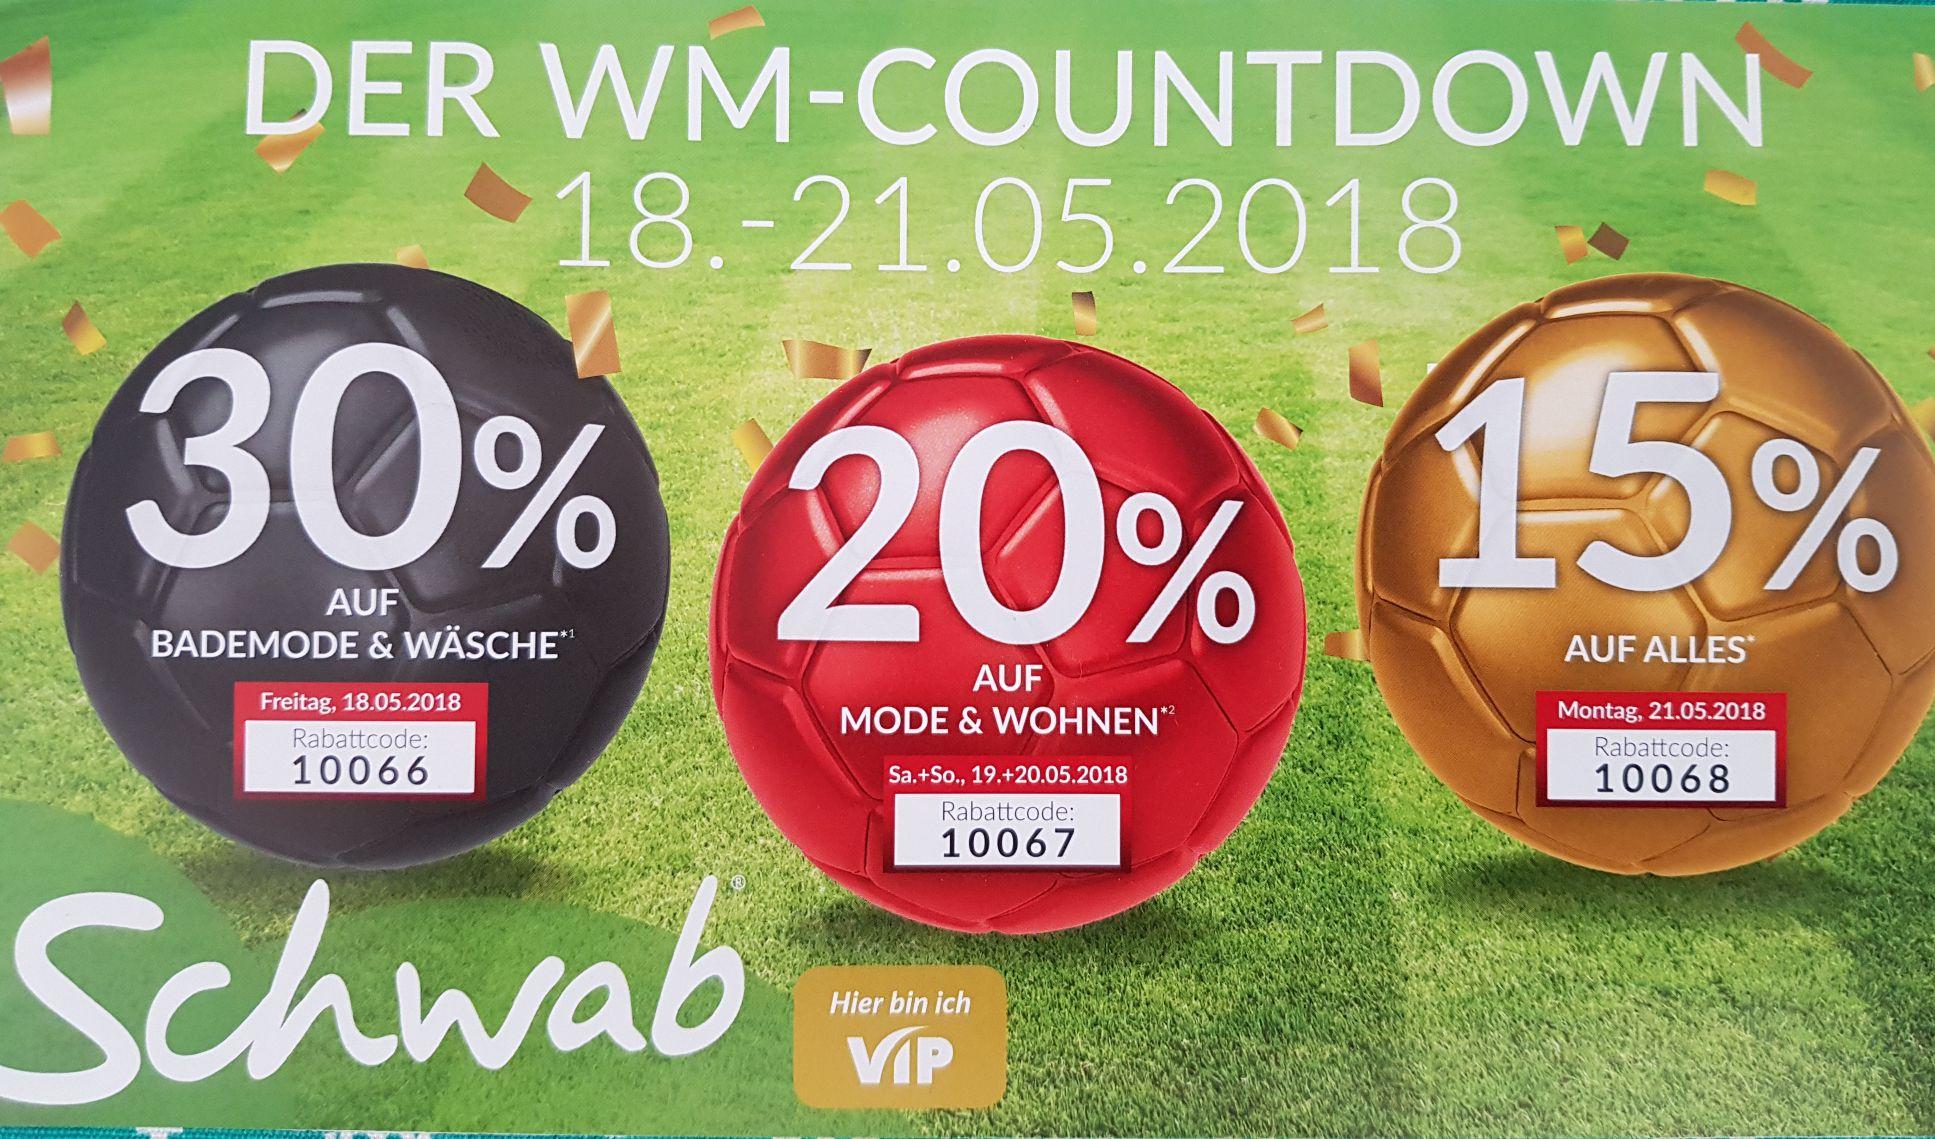 Schwab (ausgewählte Kunden): 15%  auf alles, auch Technik, am 21.5.